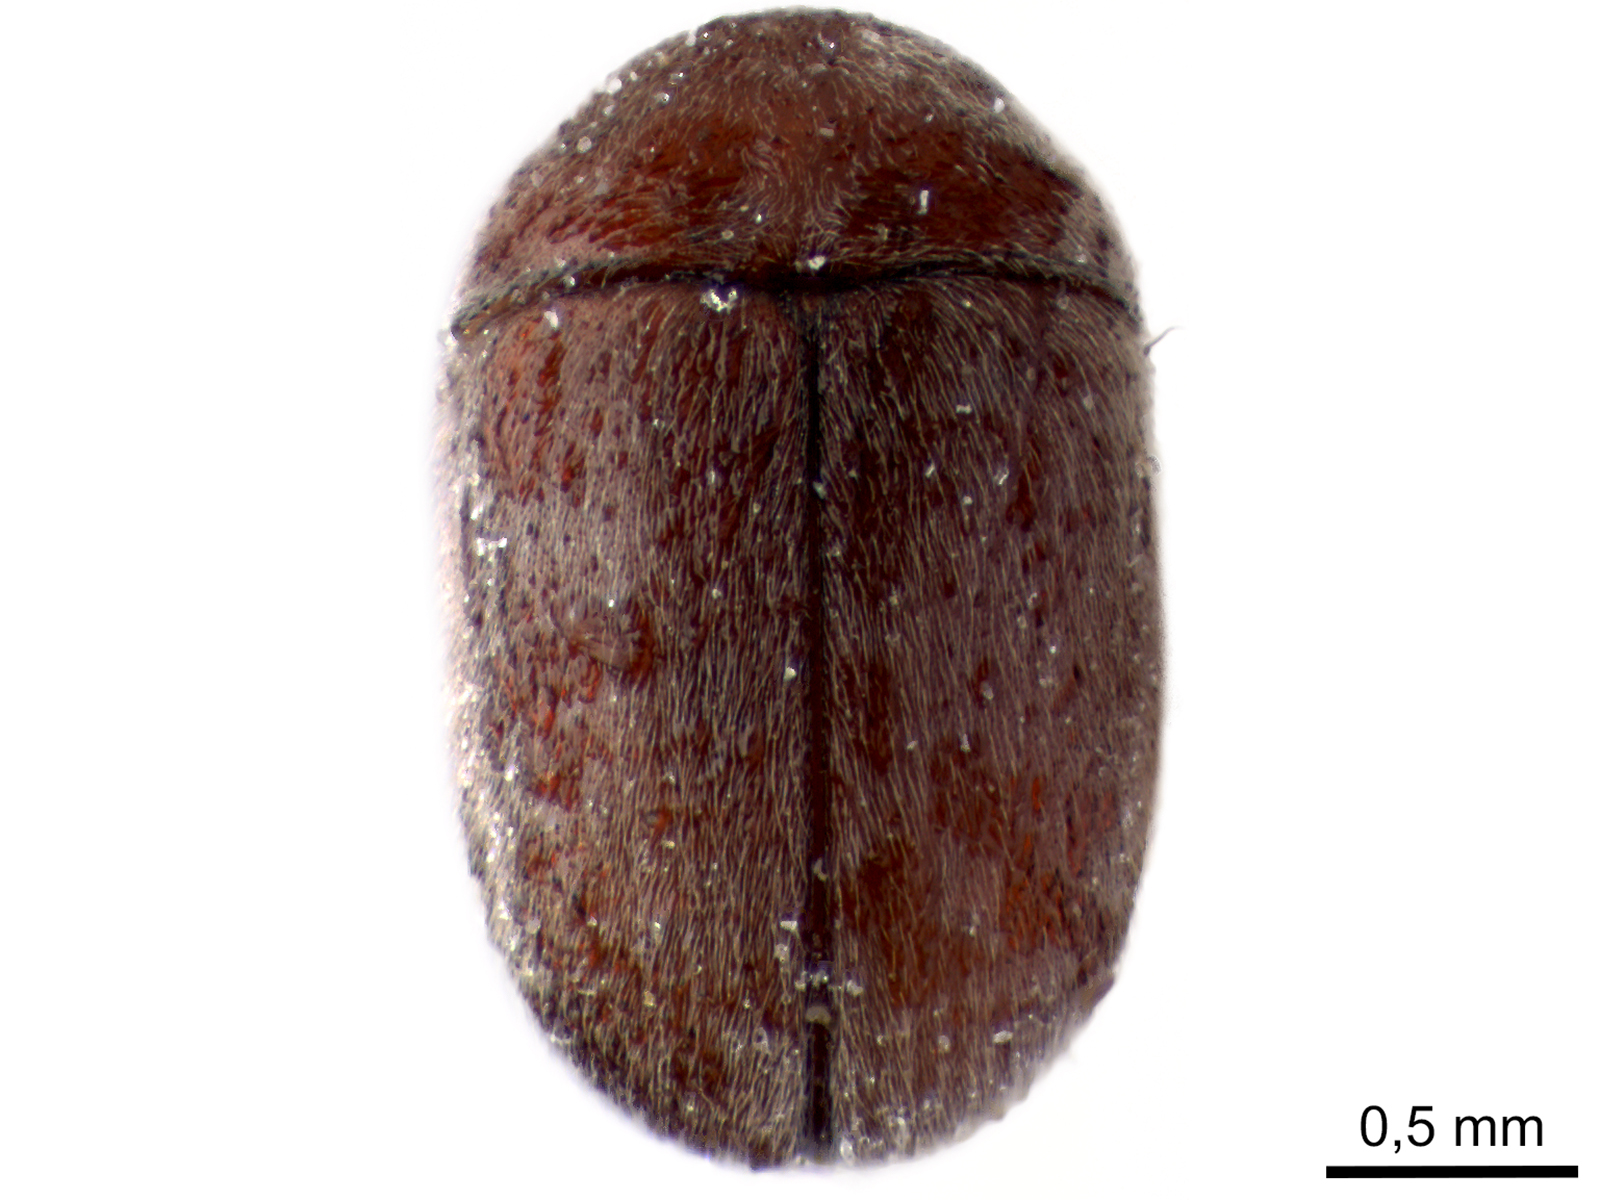 Lasioderma serricorne (Fabricius, 1792)